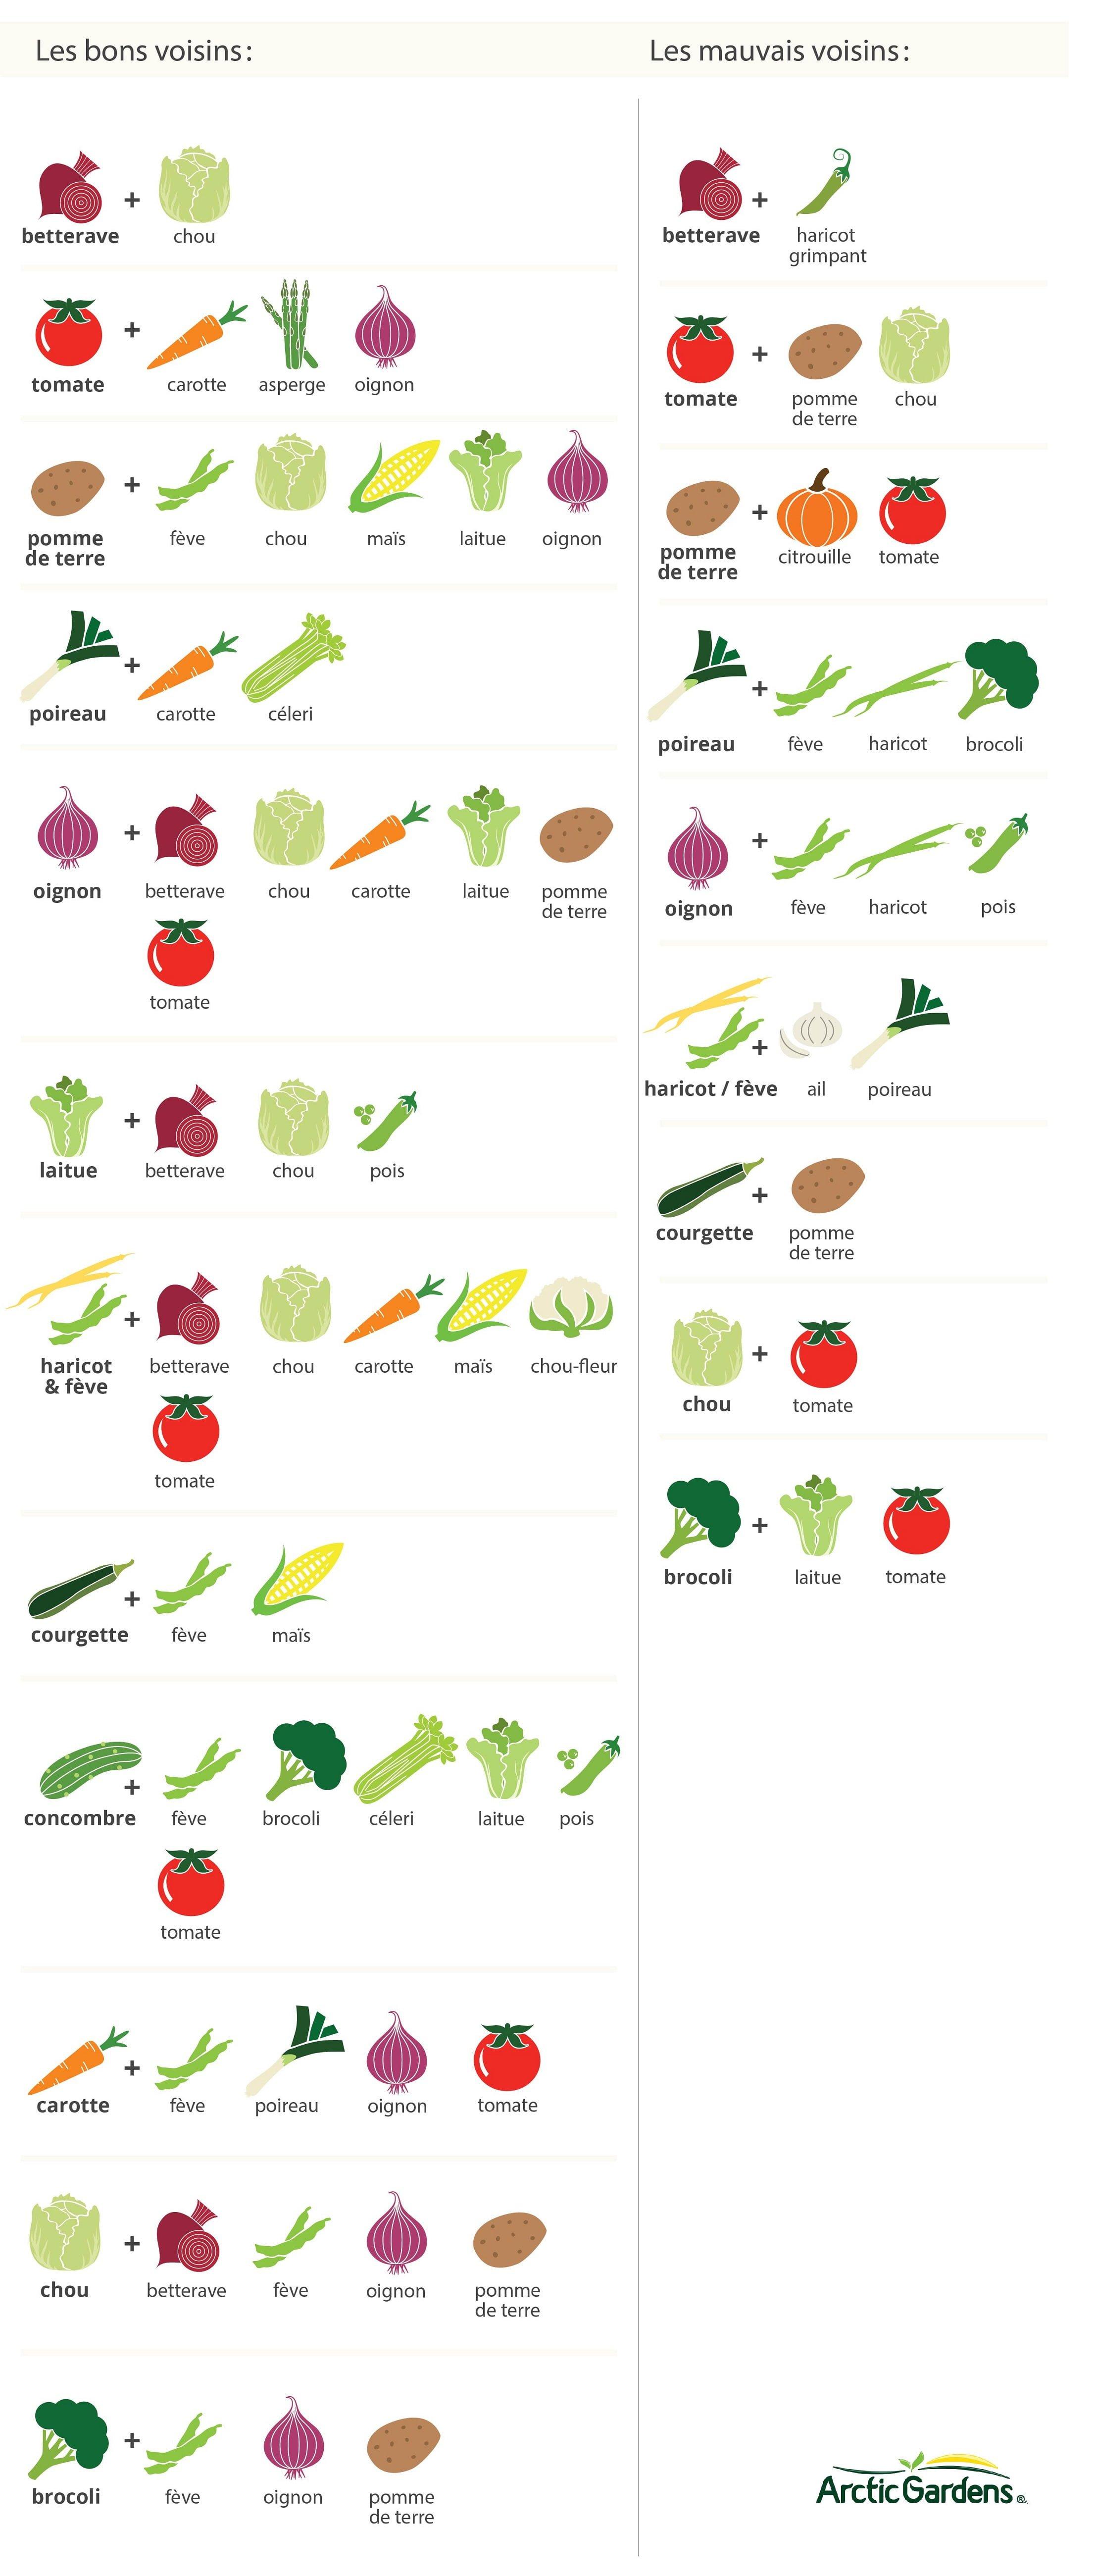 Quoi Mettre Au Potager En Septembre guide de jardinage pour débutants | arctic gardens